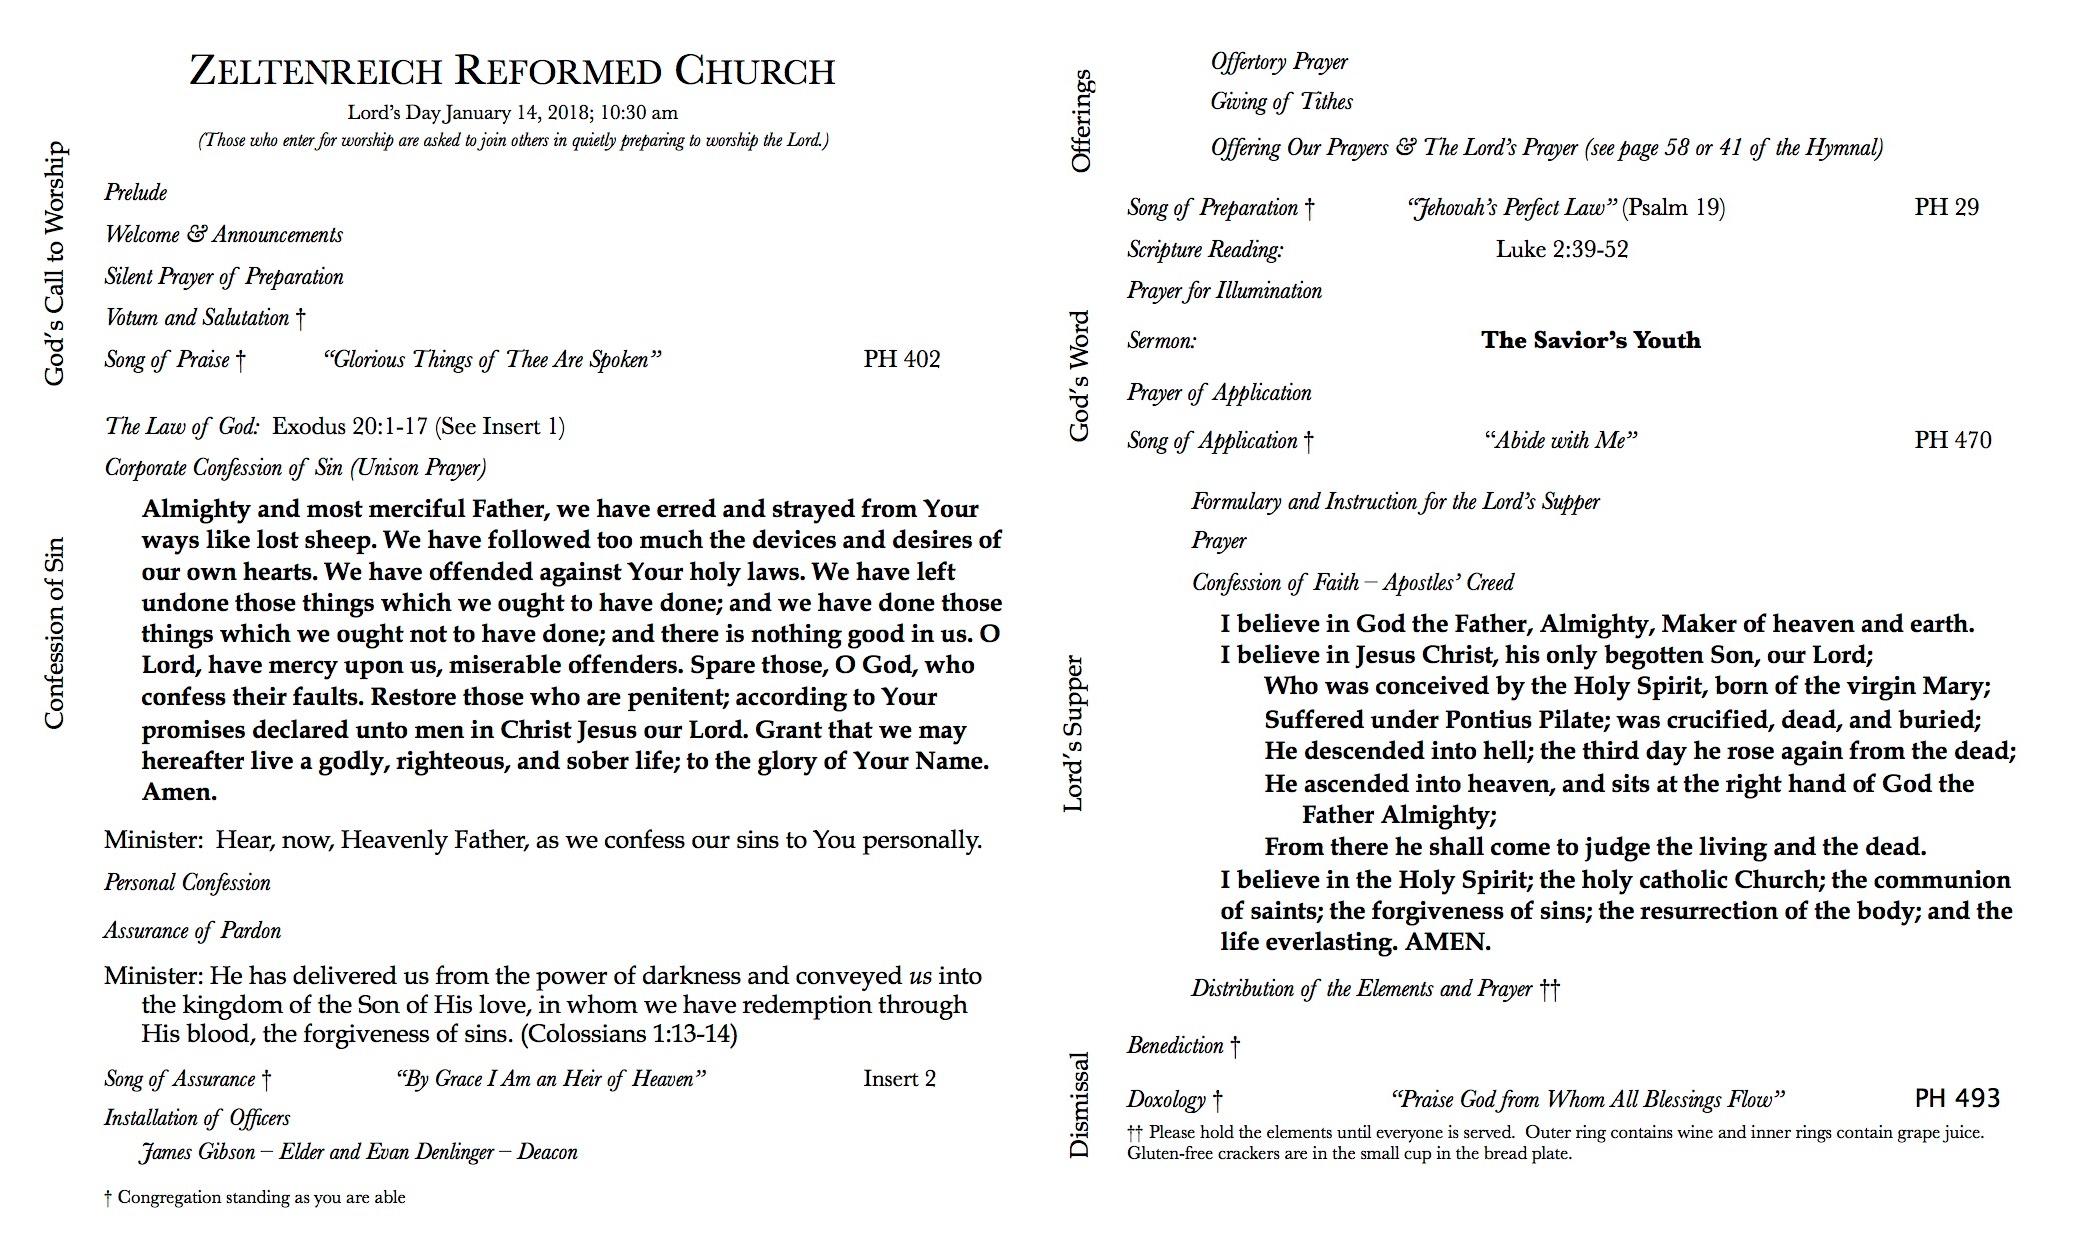 ZRC Bulletin 1.14.18.jpg